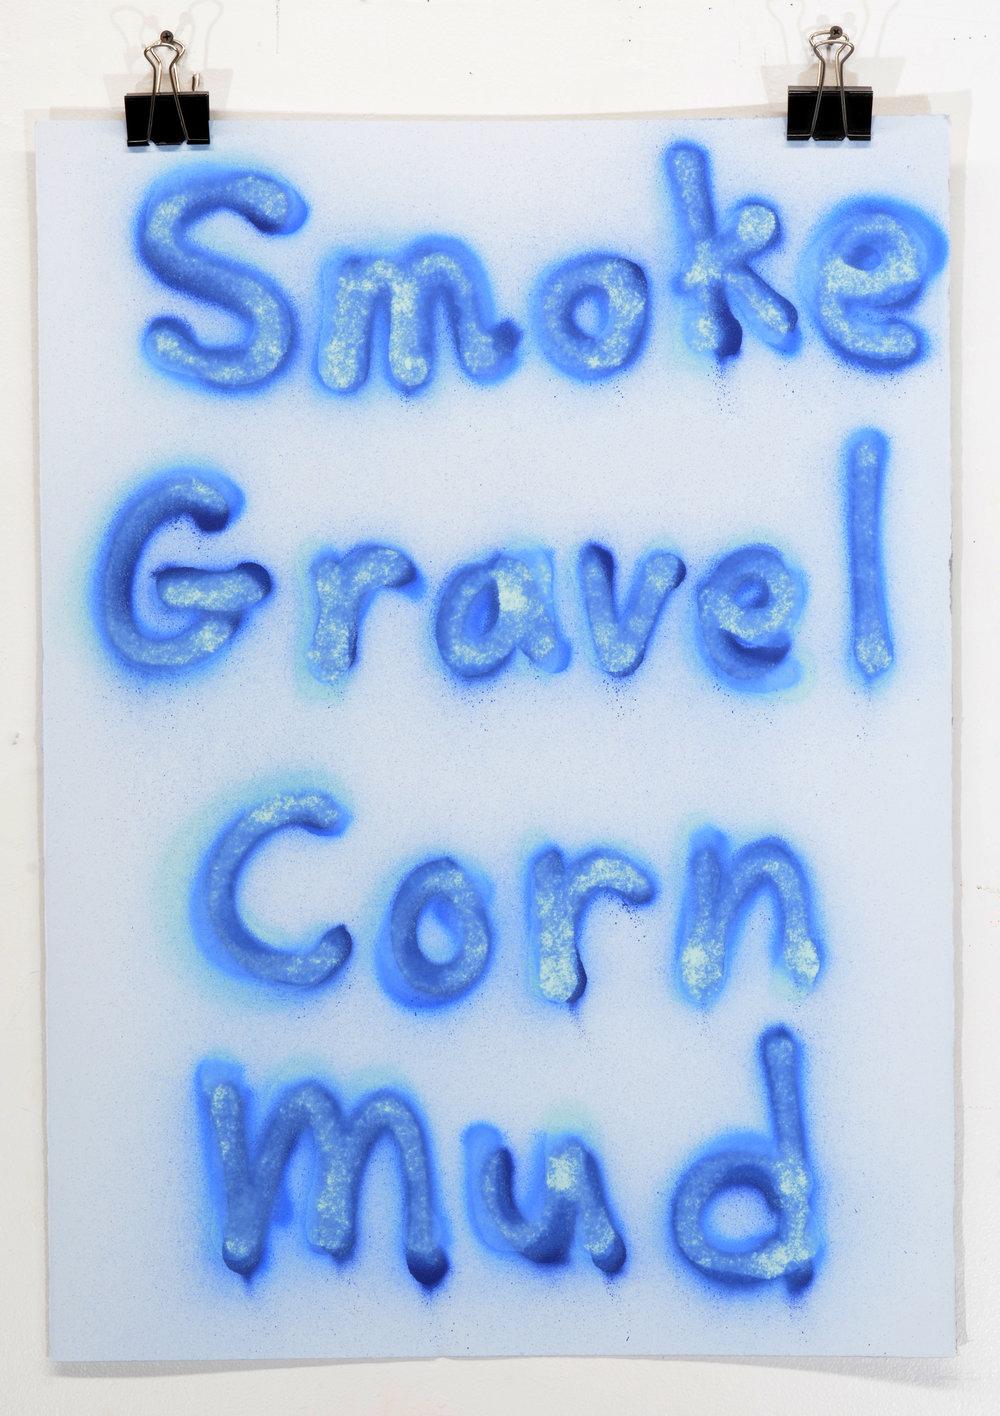 Smoke Gravel Corn Mud